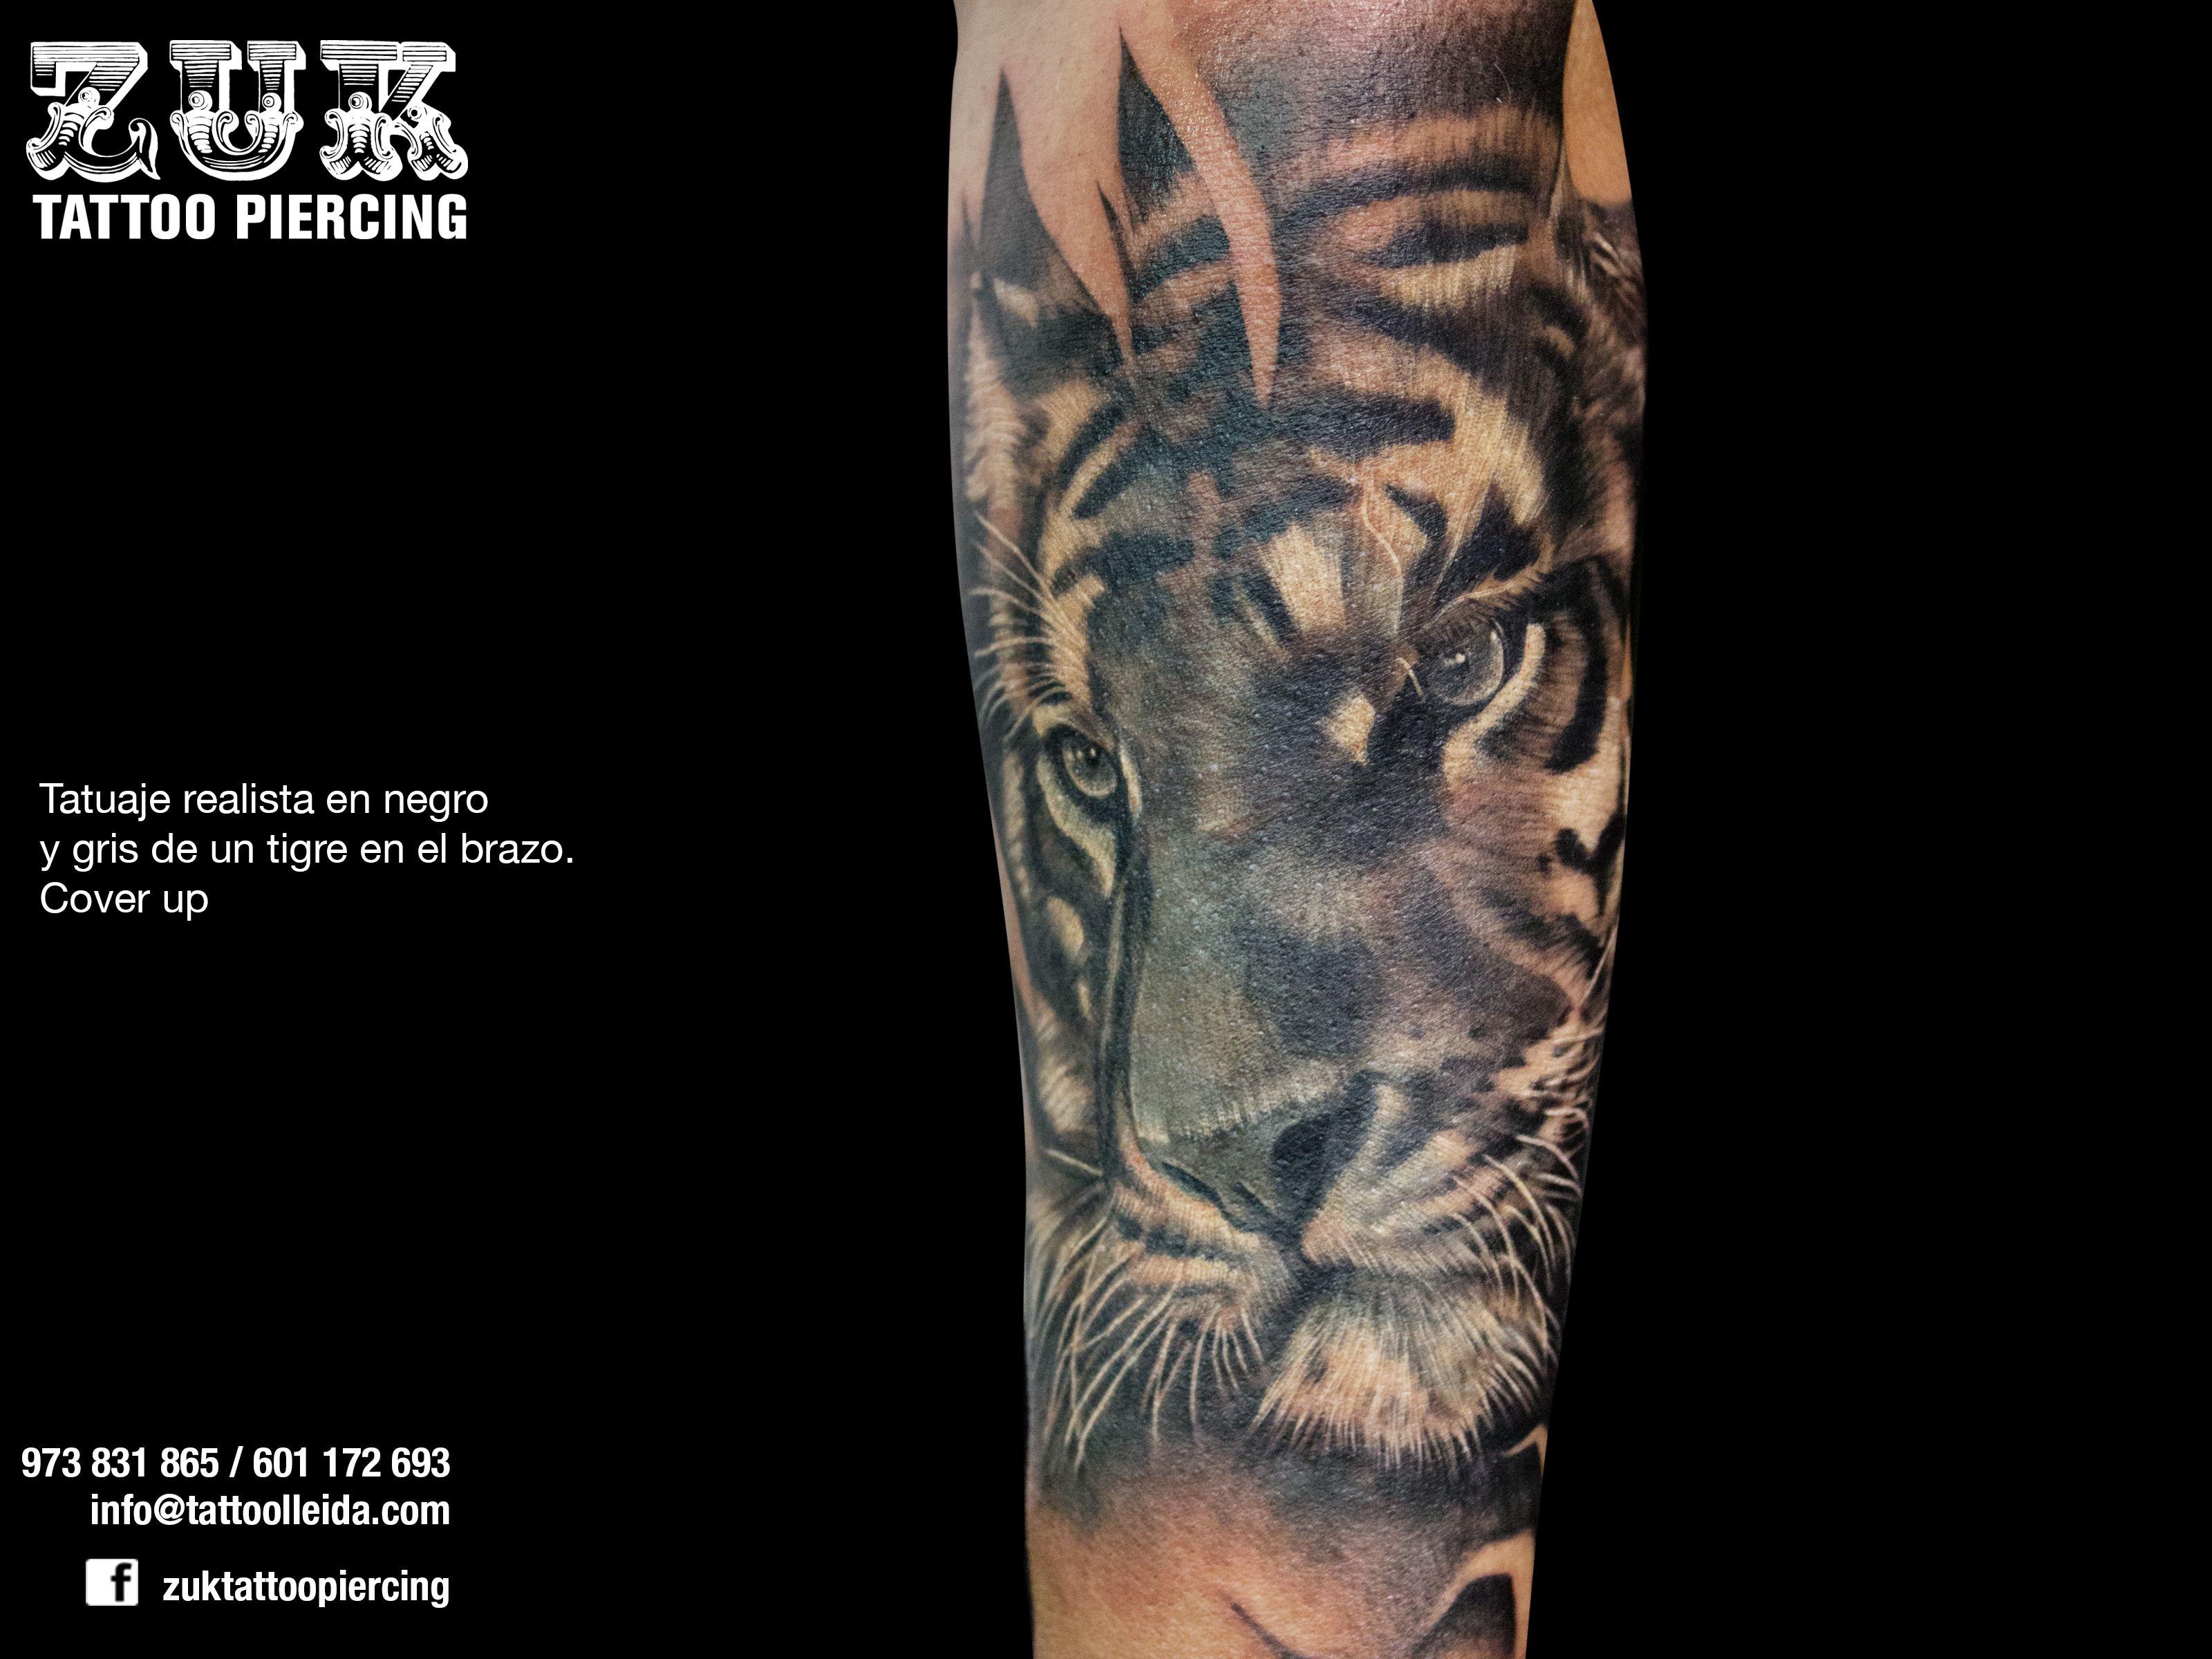 Tatuaje Realista En Negro Y Gris De Un Tigre En El Brazo Cover Up